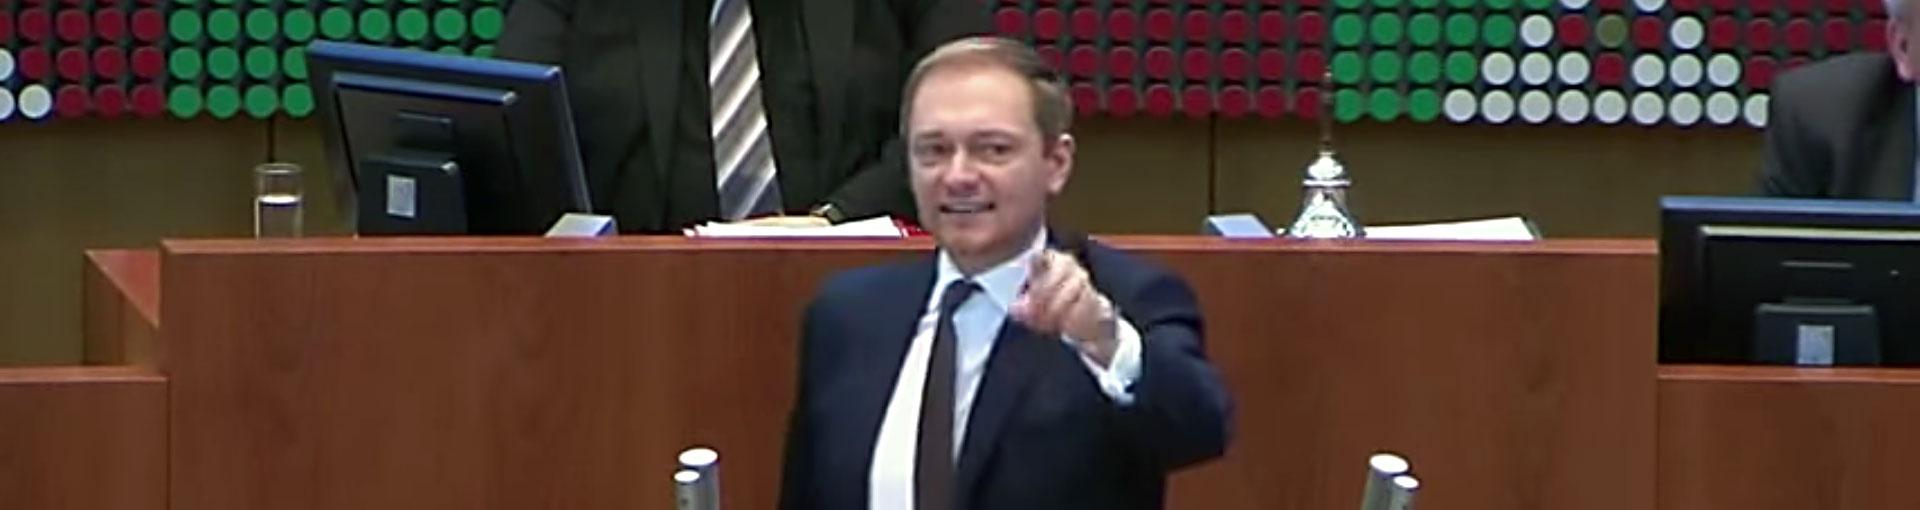 Christian Lindner geht im NRW Landtag durch die Decke – DAS Video